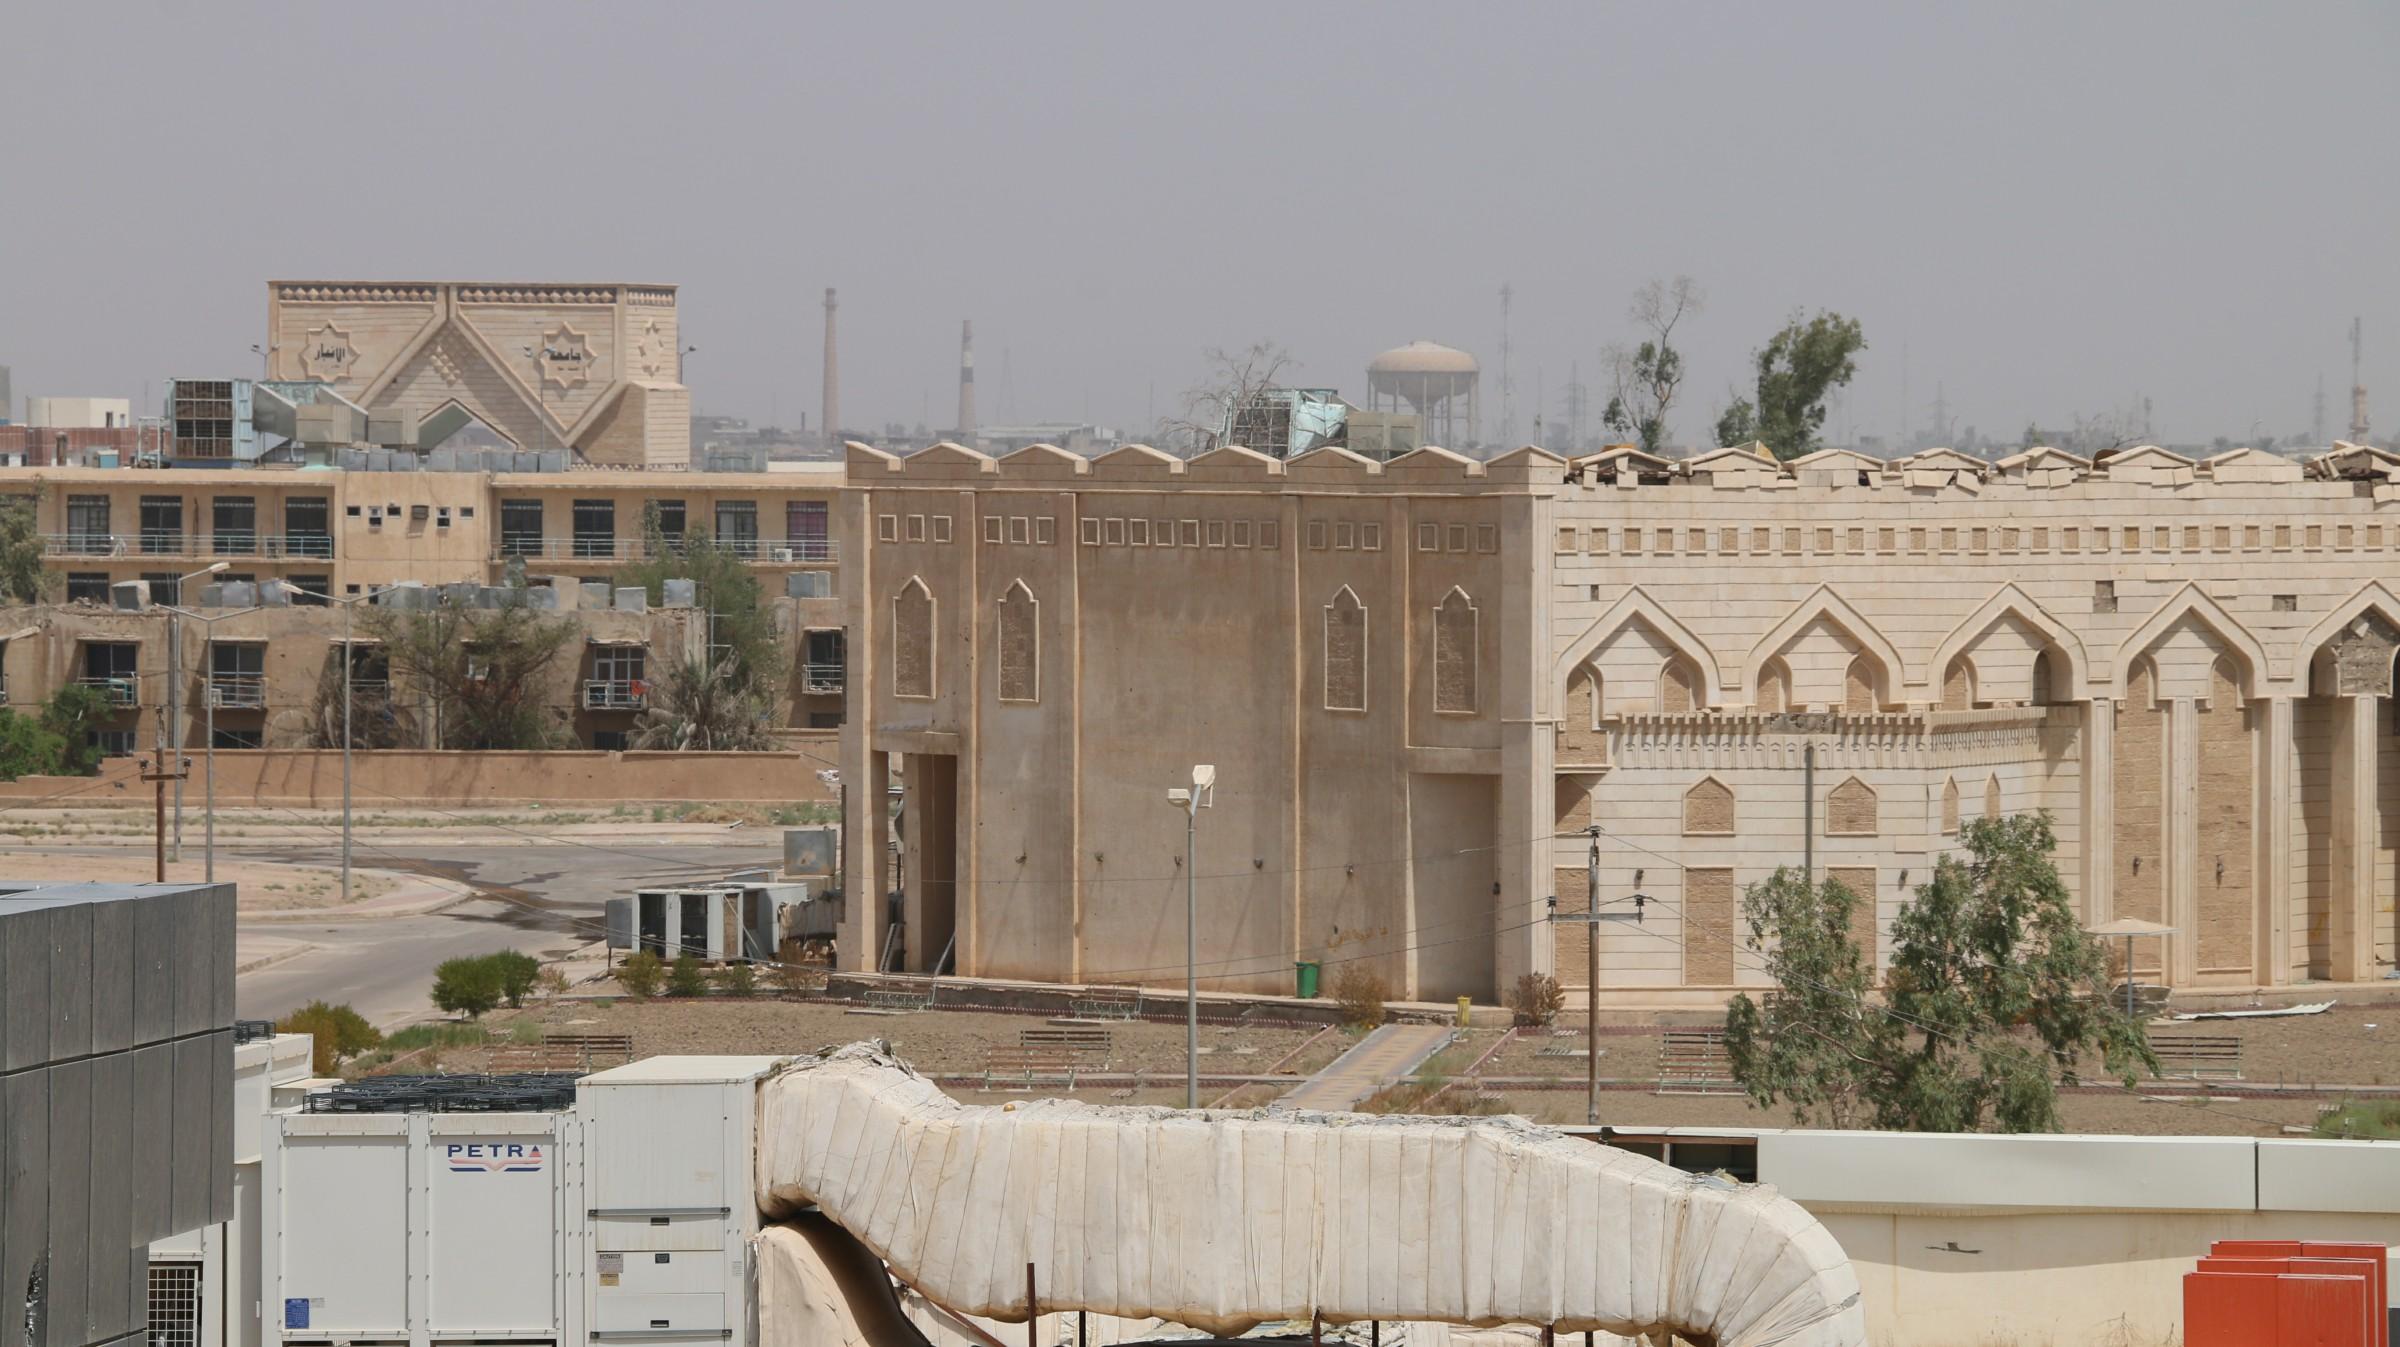 الاعلان عن عودة جامعة الانبار بشكل نهائي الى موقعها في الرمادي